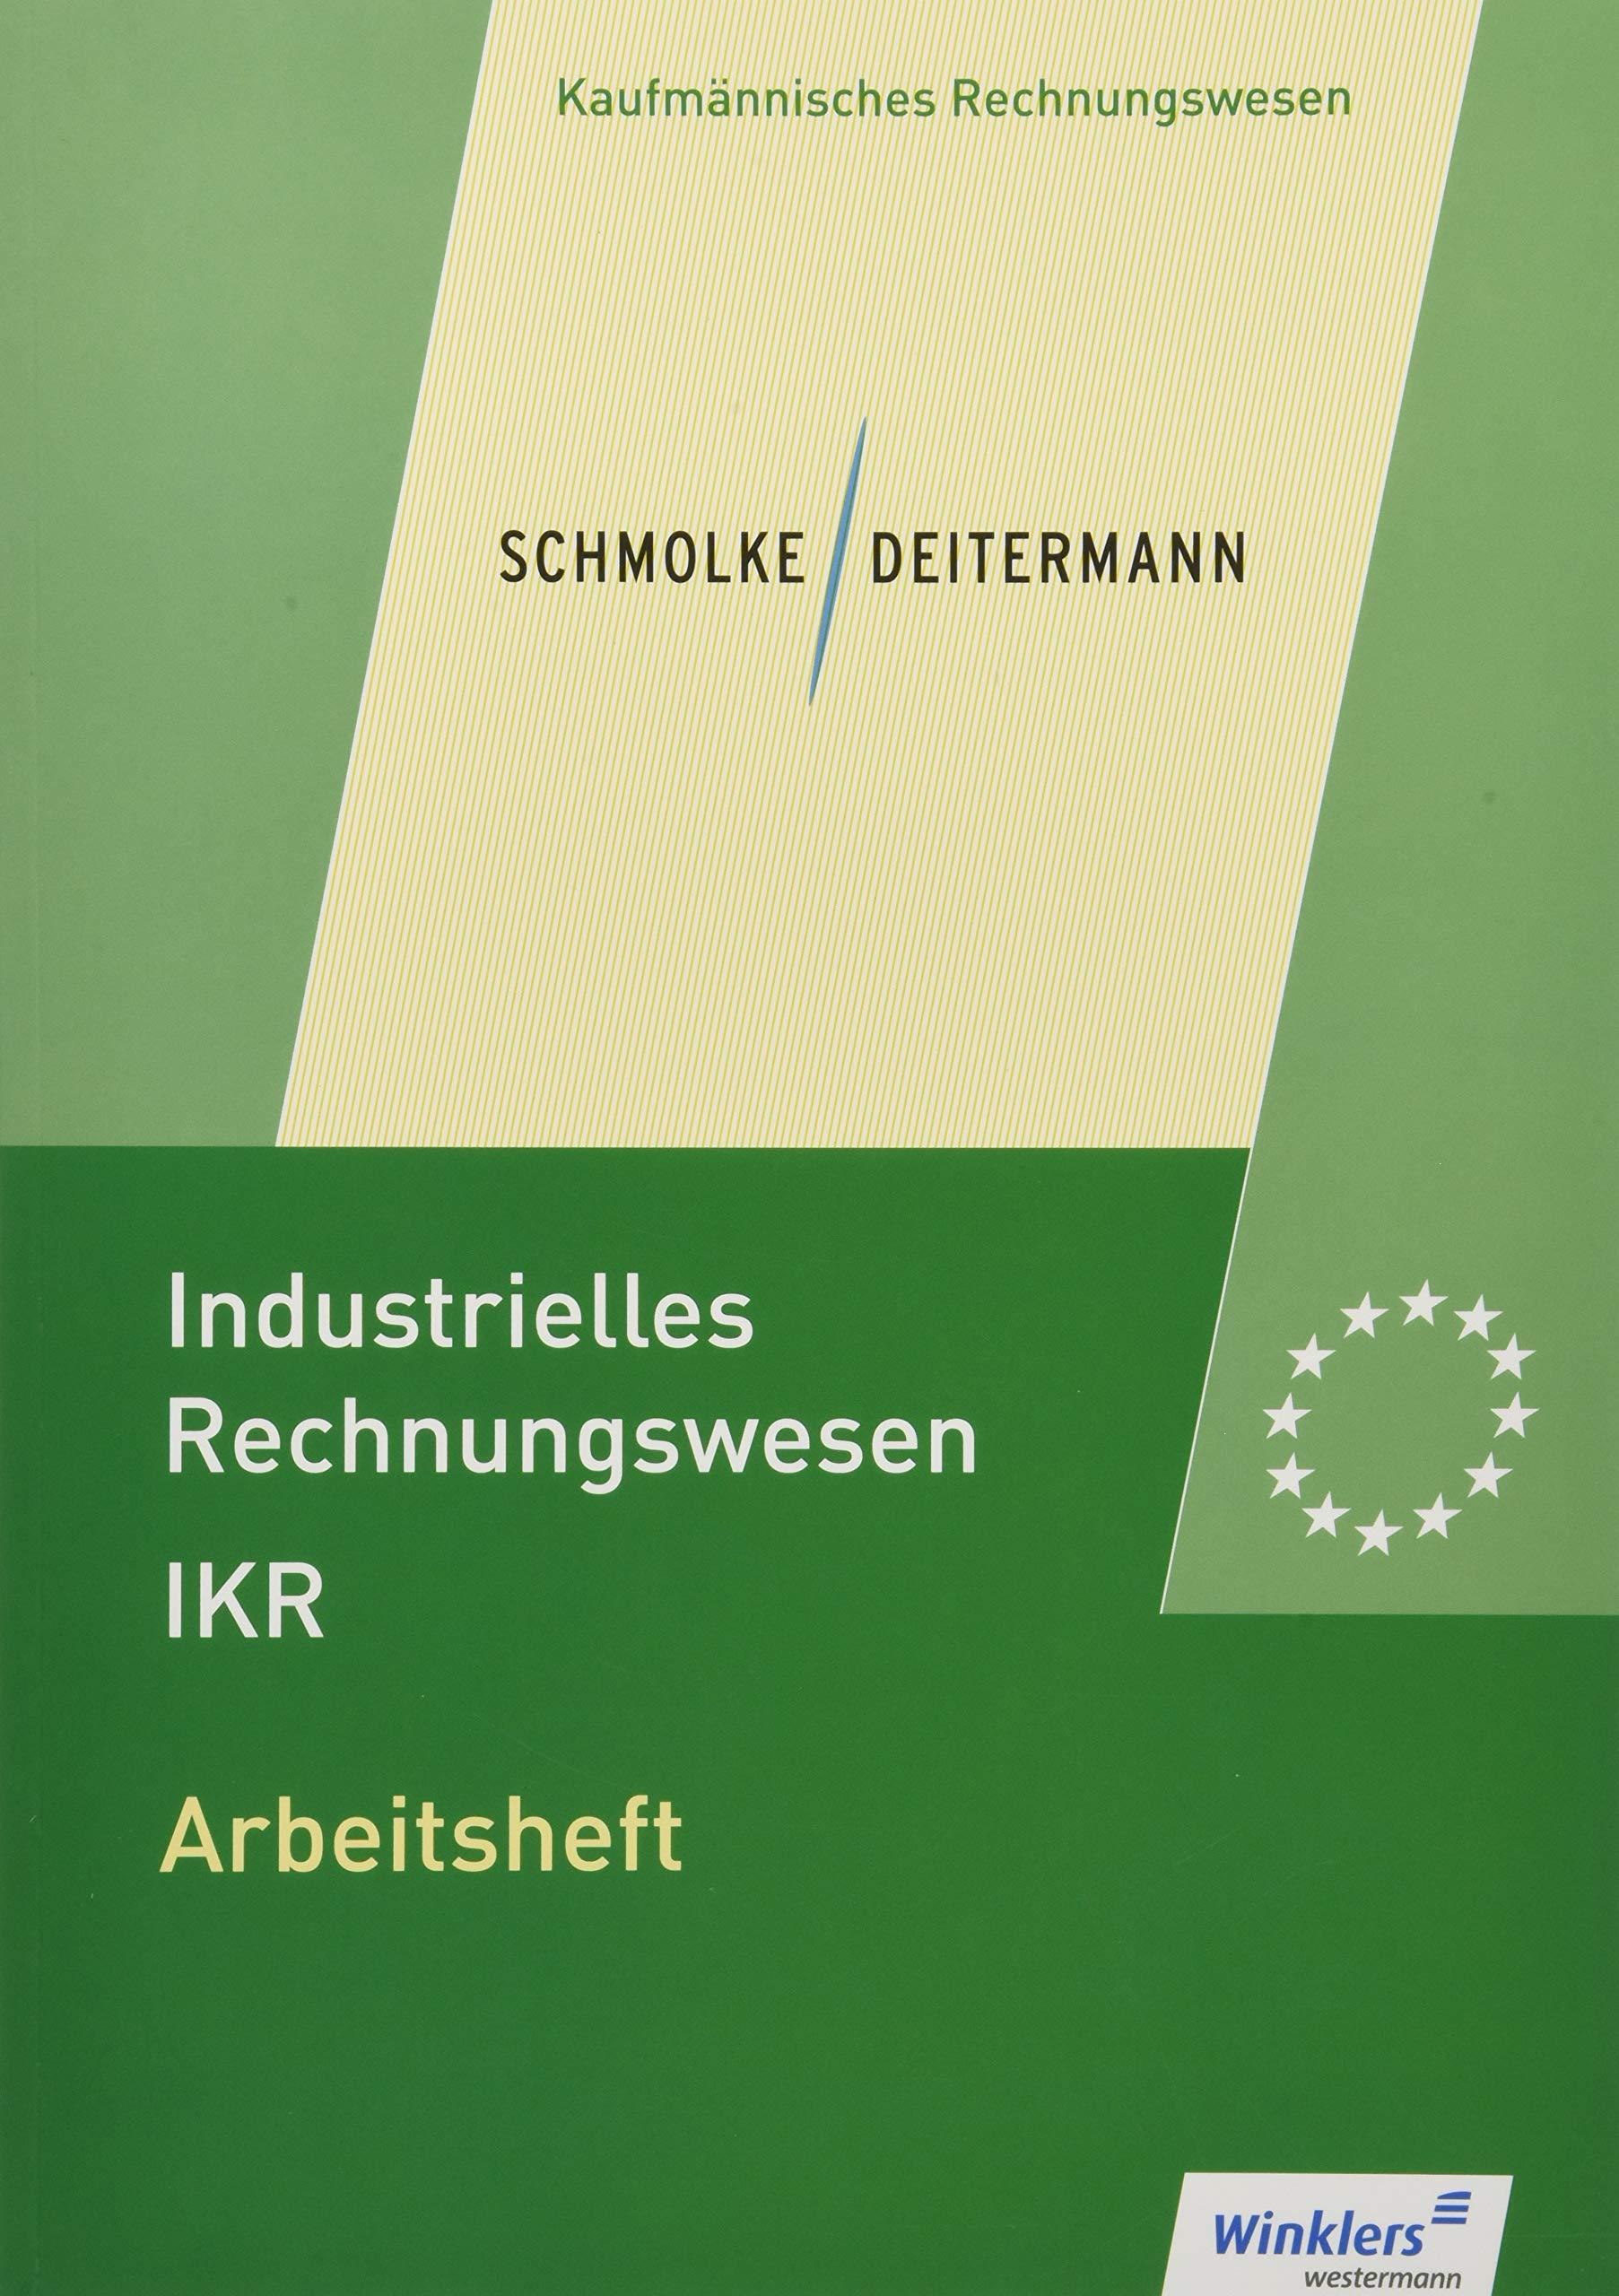 Industrielles Rechnungswesen - IKR: Arbeitsheft Taschenbuch – 1. März 2018 Manfred Deitermann Björn Flader Wolf-Dieter Rückwart Susanne Stobbe